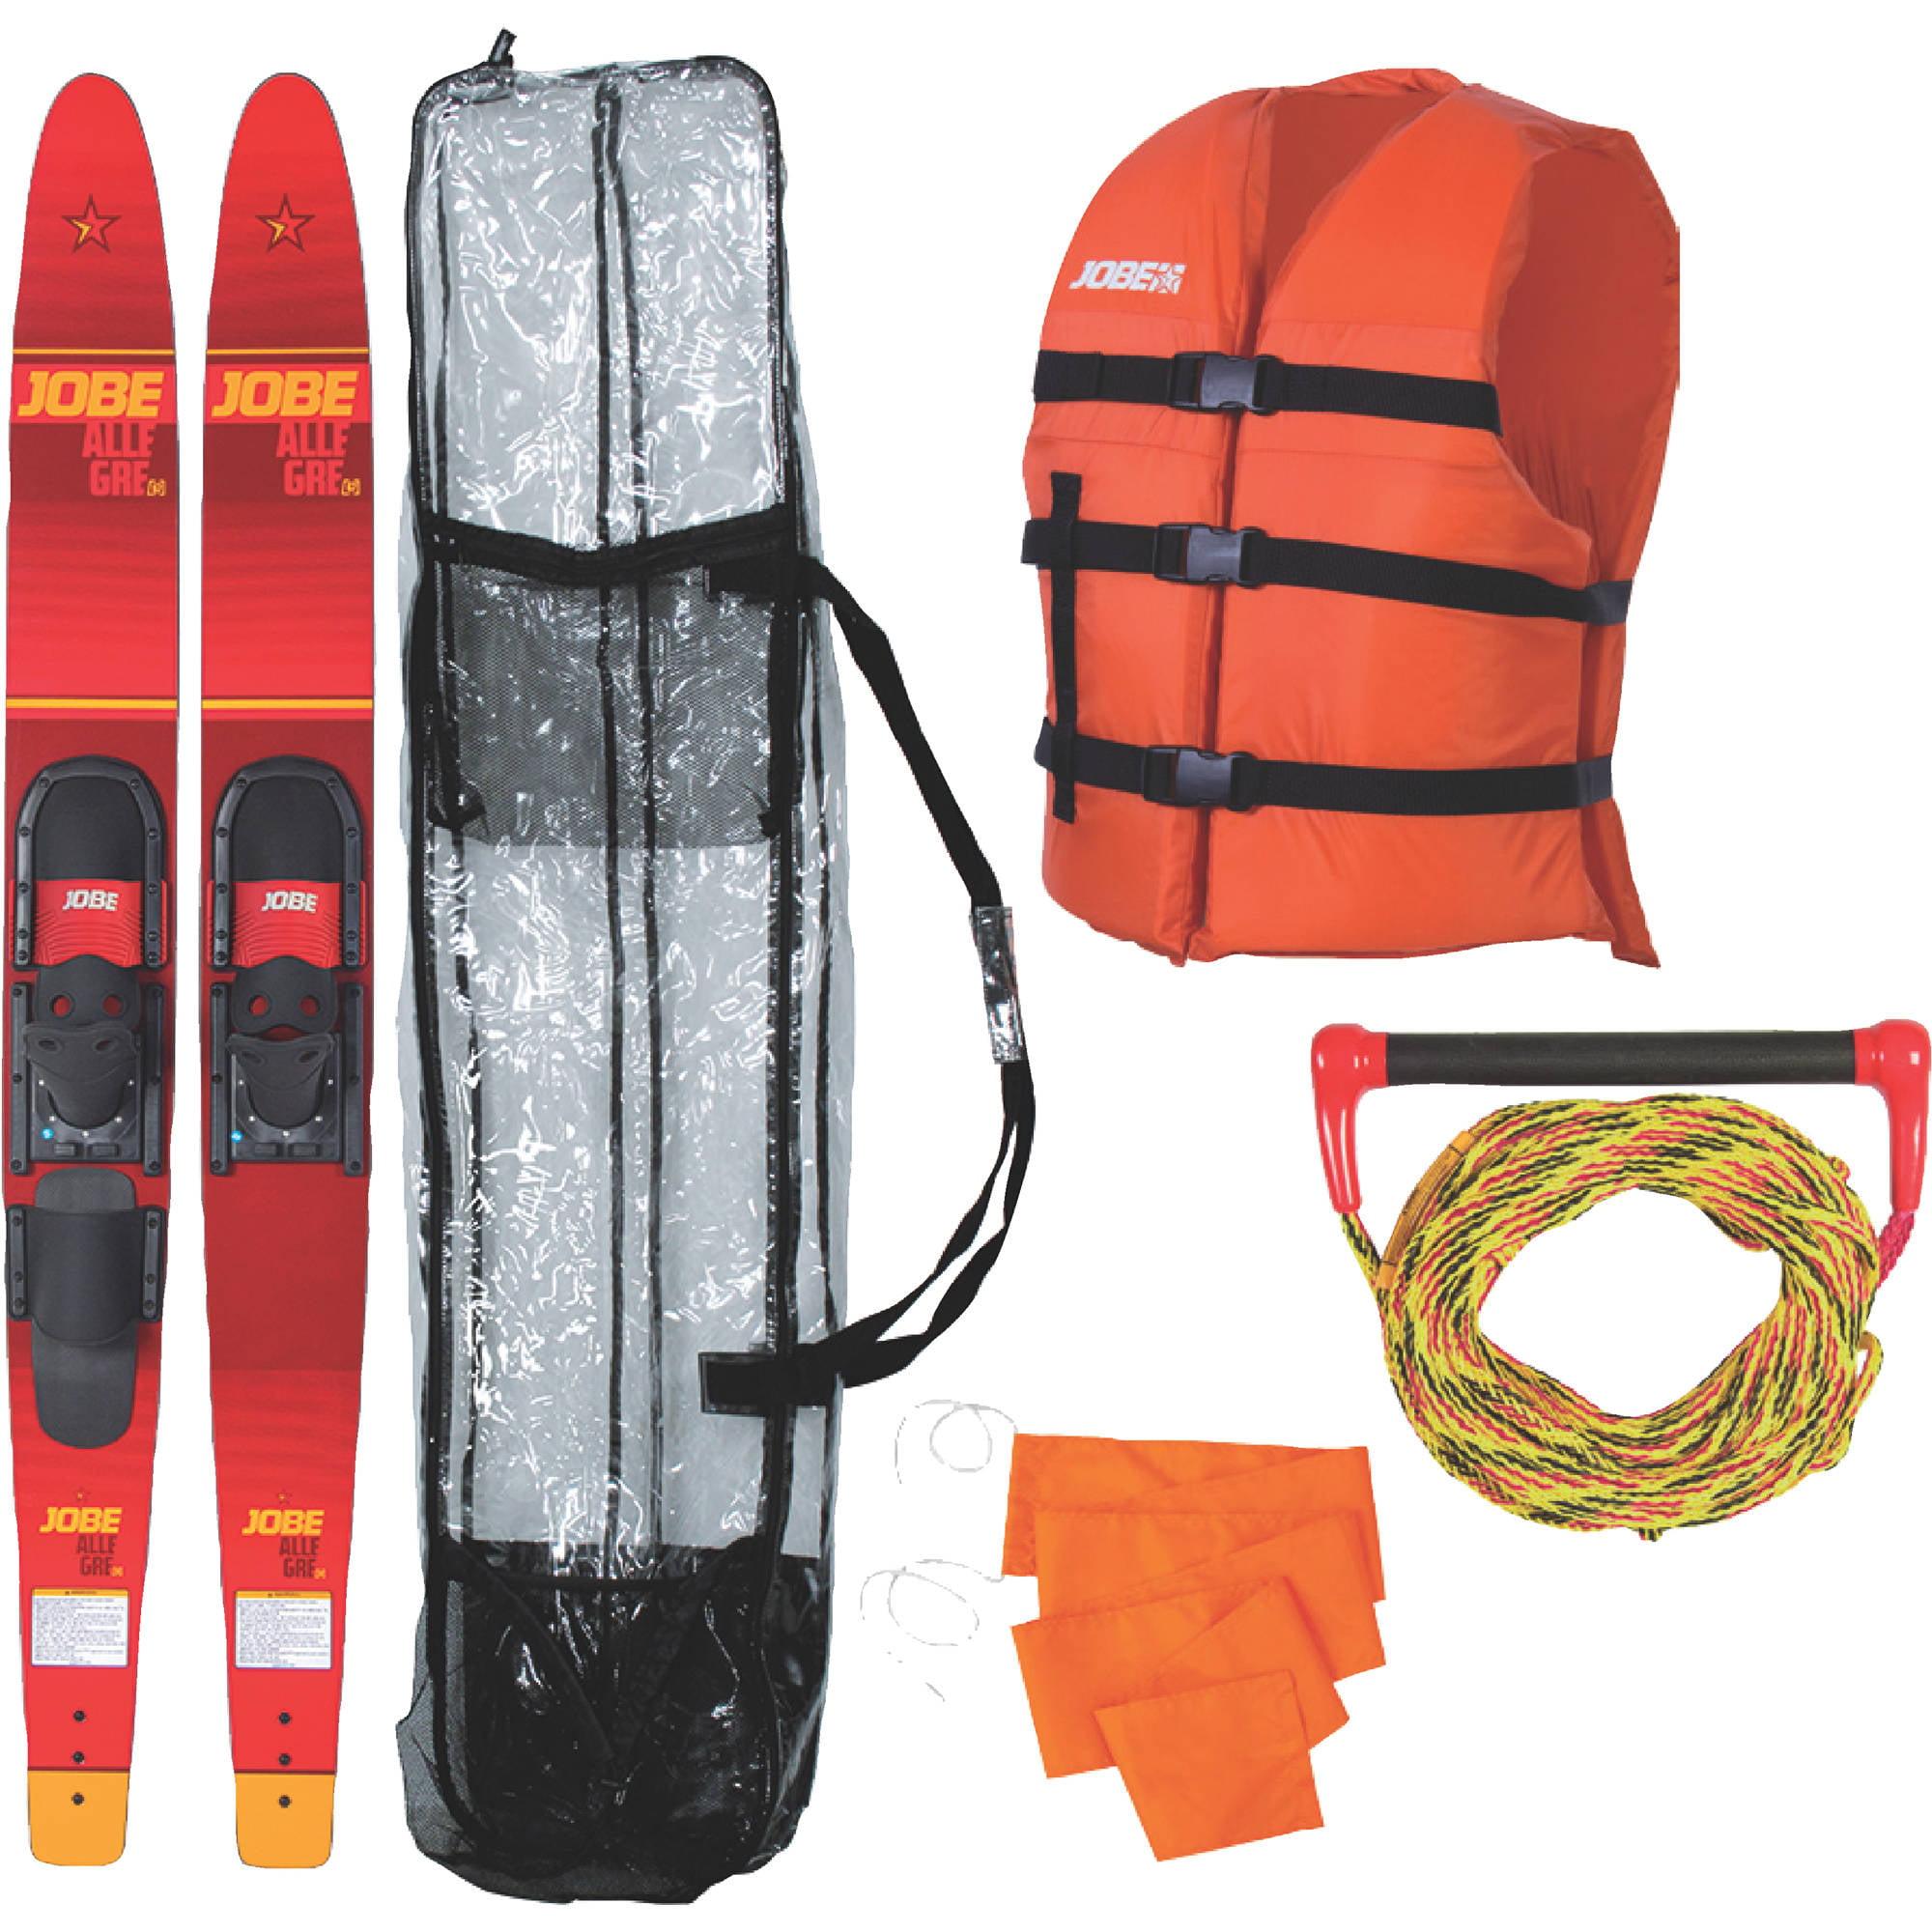 Jobe 208817101 Allegre Combo Skis   Includes Rope, Flag, Vest & Bag by Jobe Sport International